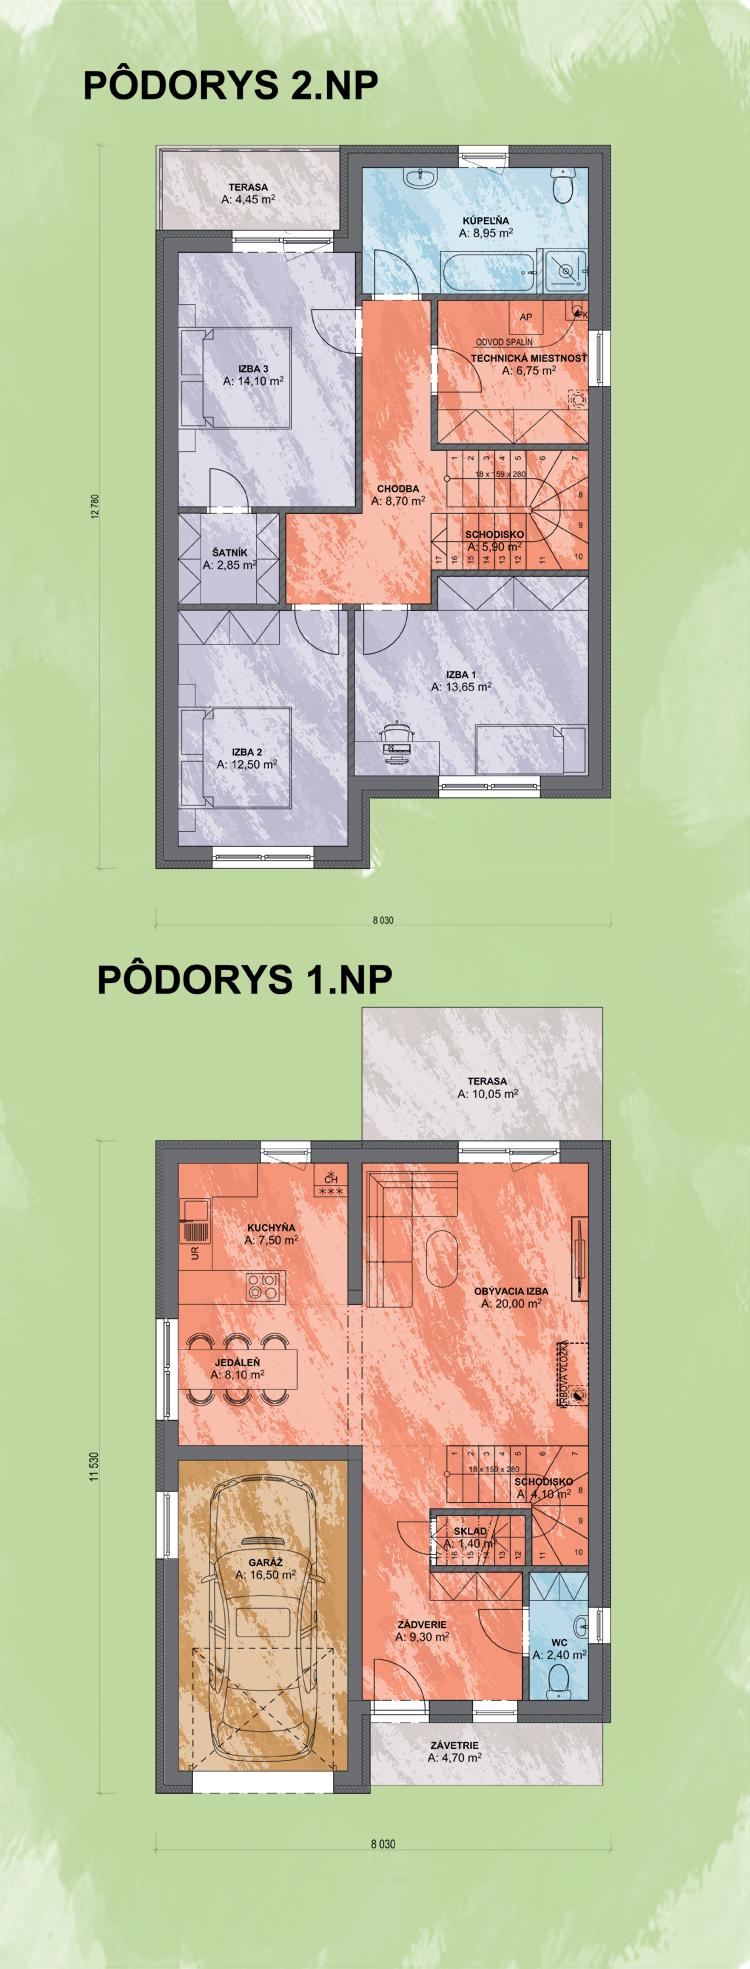 Nubes Podorys Design - FLÓRA 1 | Familyhouse